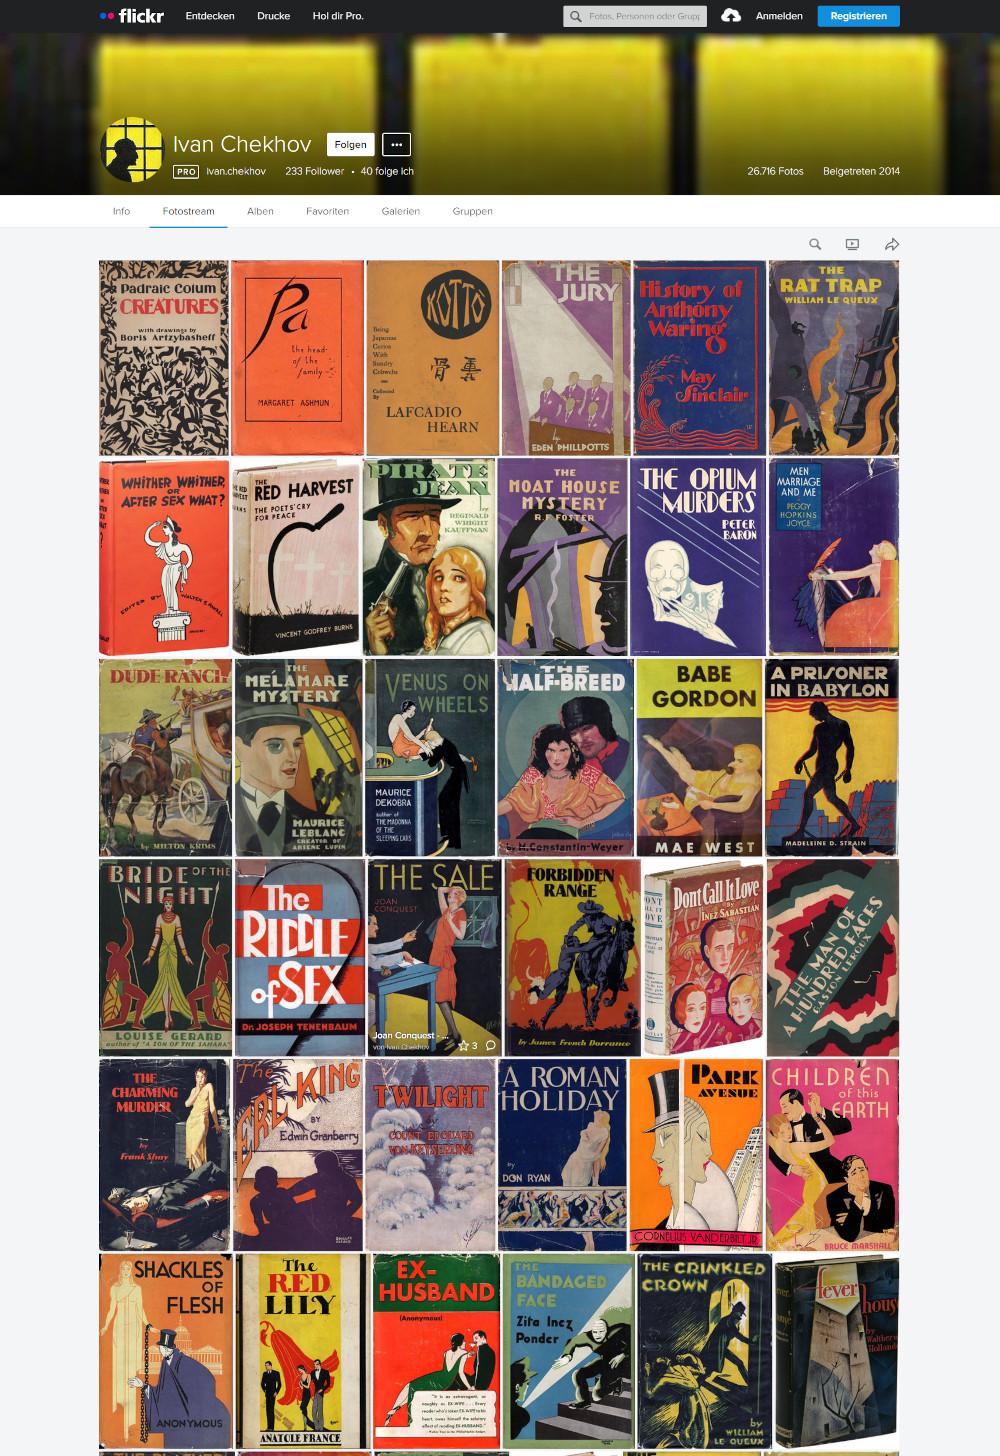 Sammlung von Tausenden Buchcovern ab Ende der 1920er